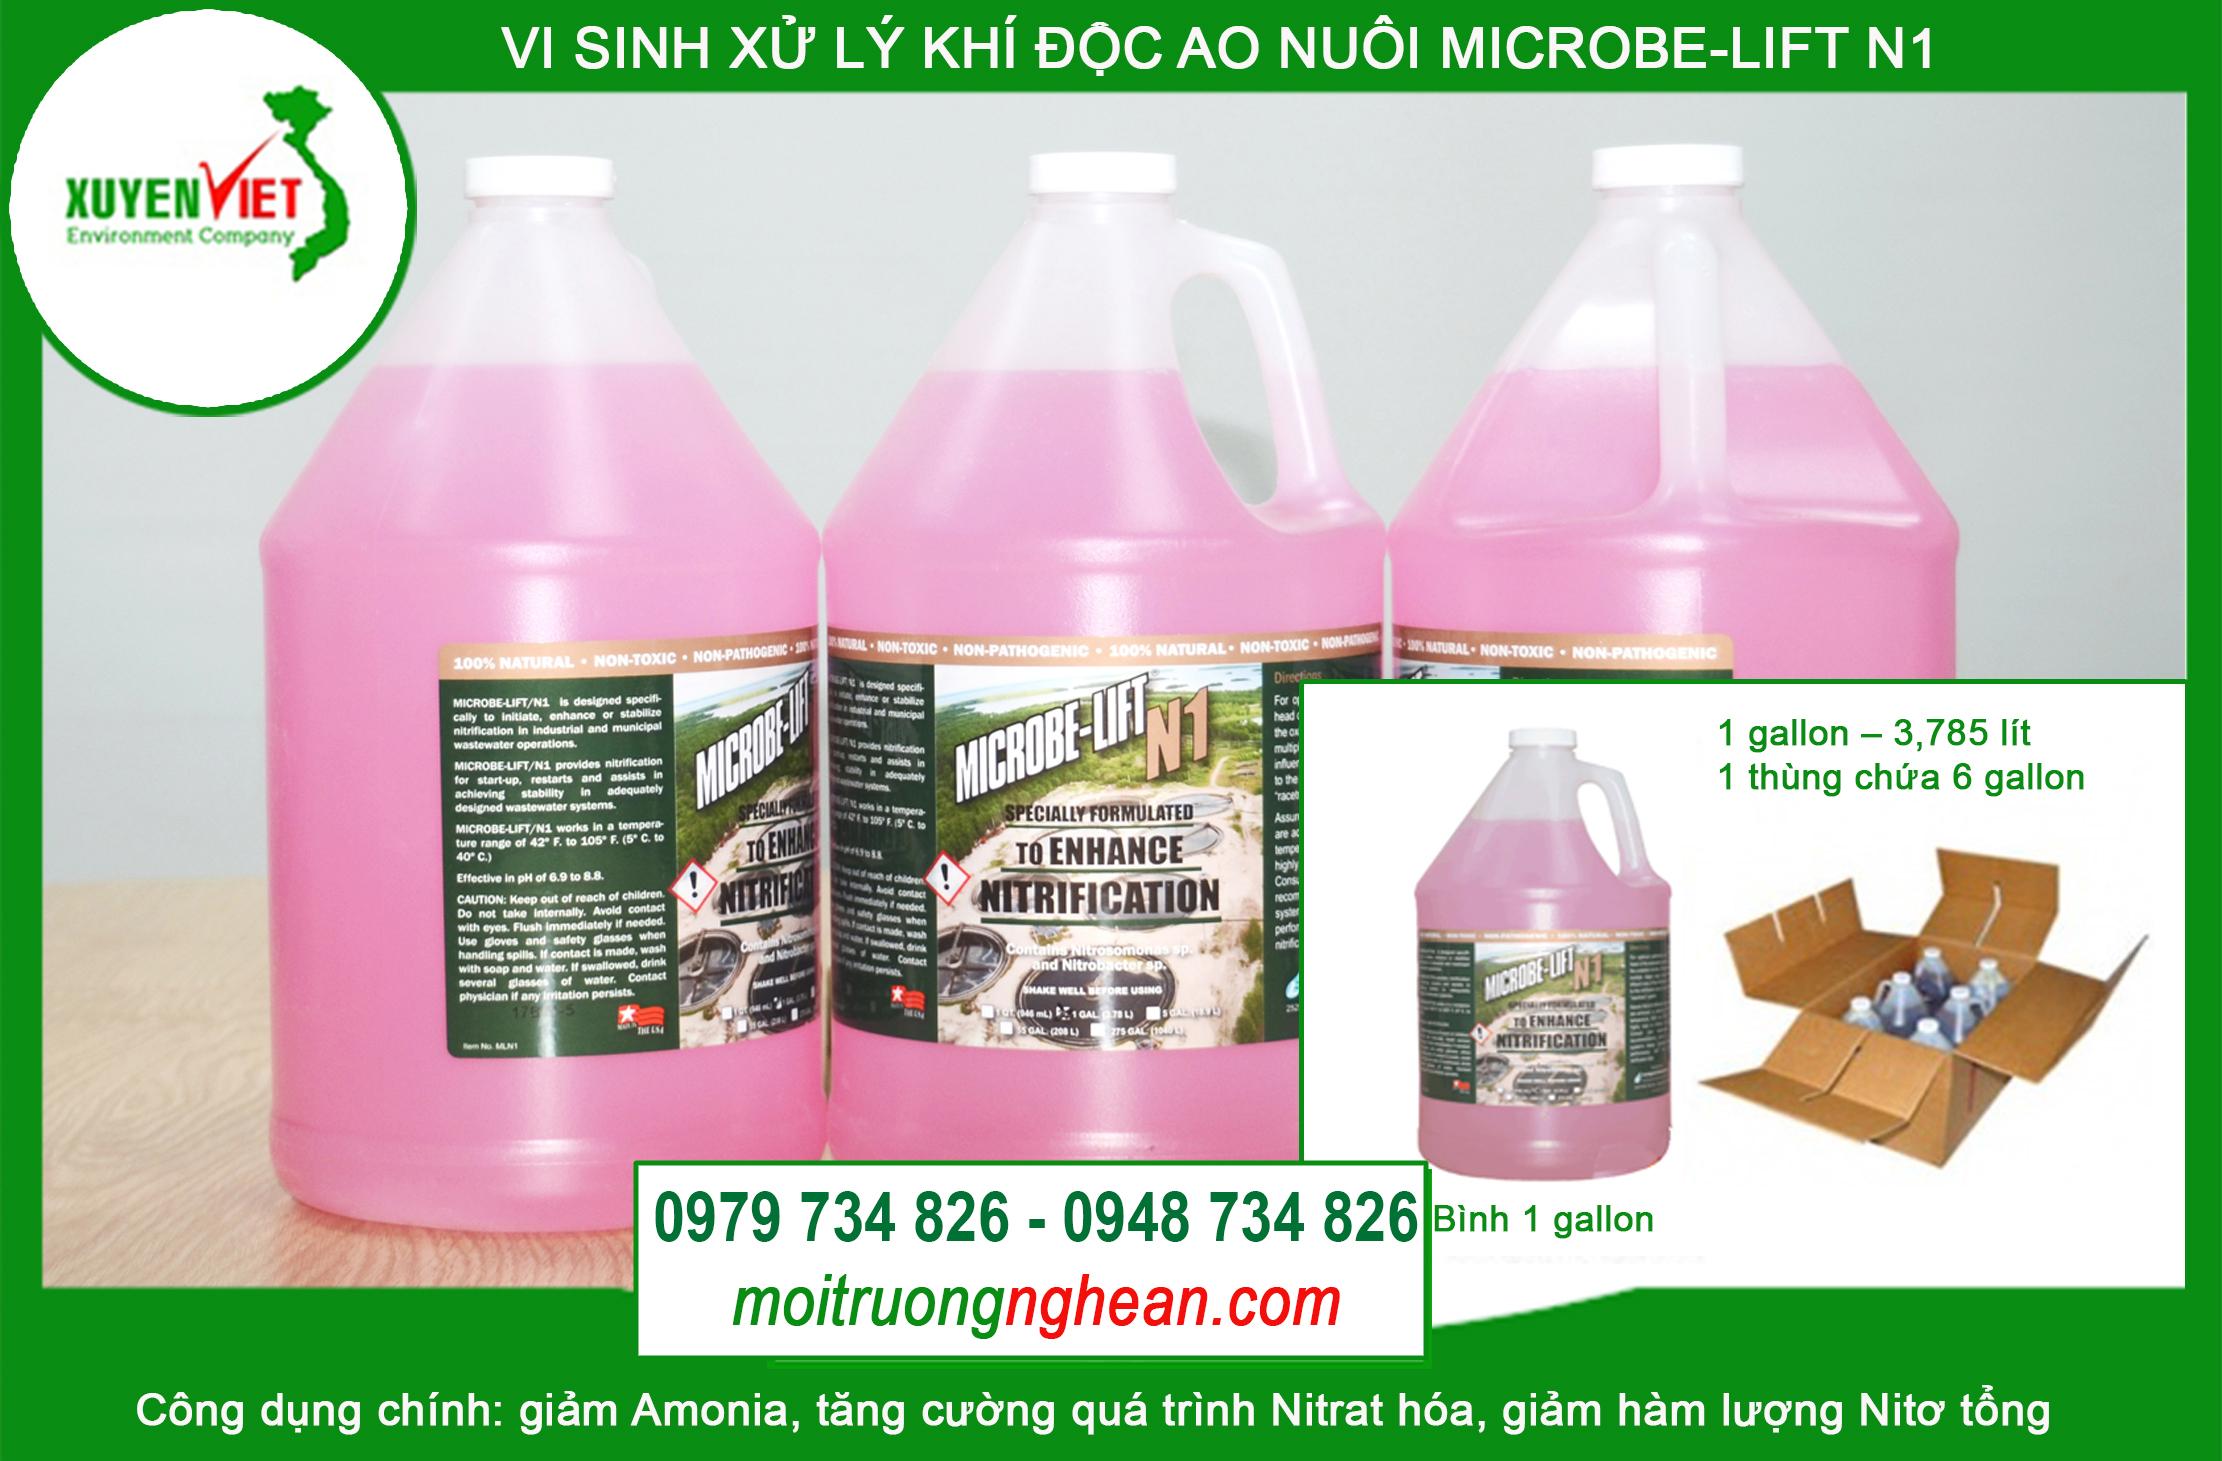 Men vi sinh xử lý khí độc ao nuôi Microbe-lift N1